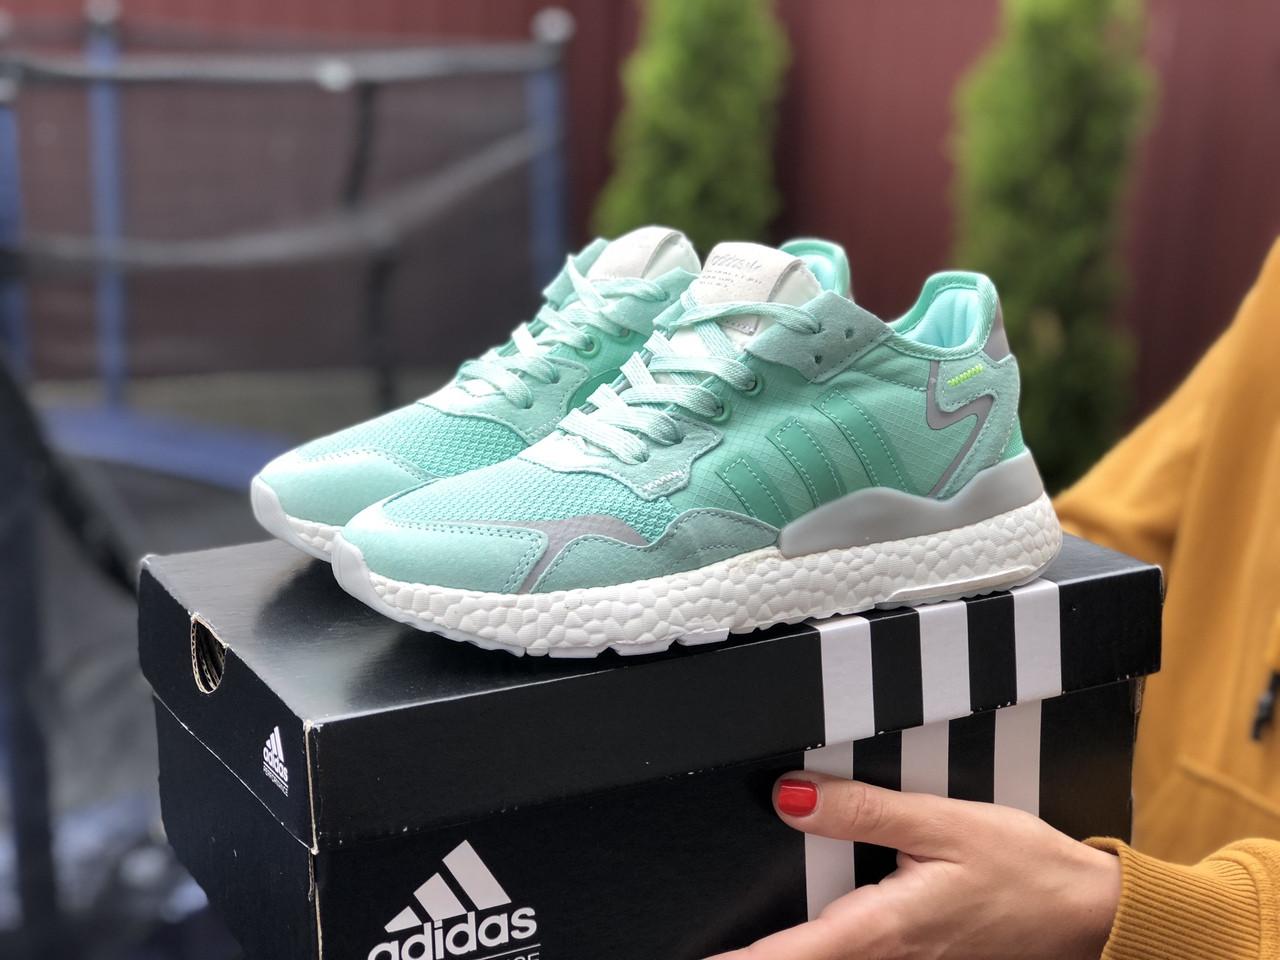 Стильные женские кроссовки Adidas Nite Jogger Boost 3M. Модные женские кроссовки.